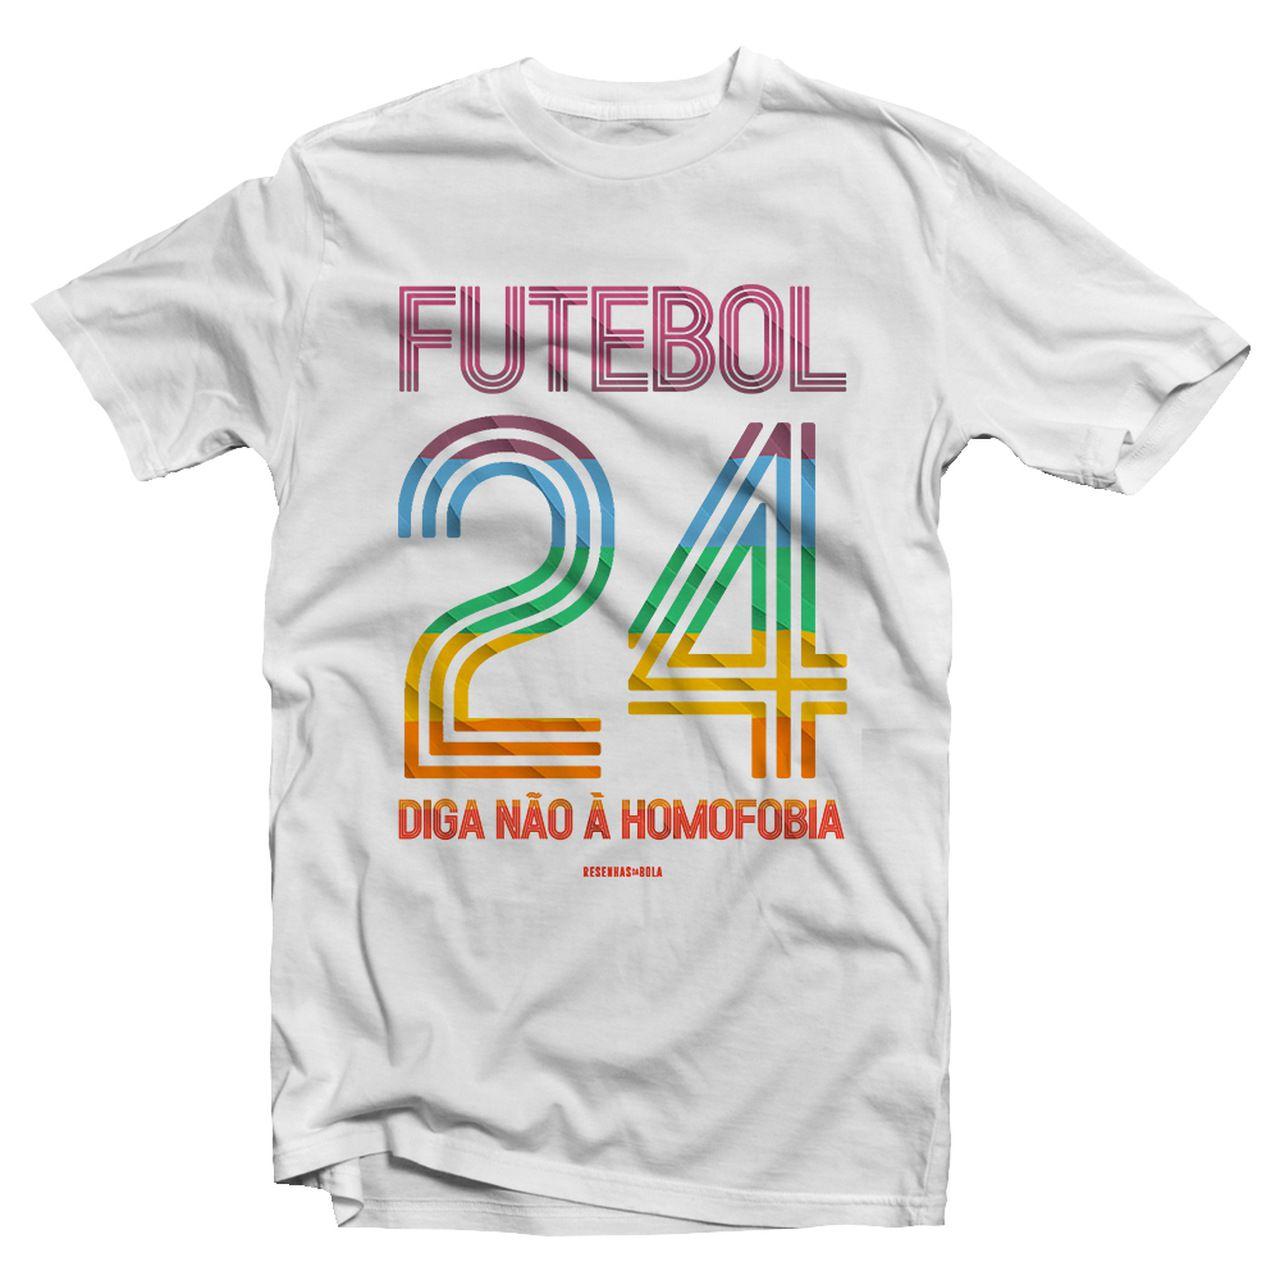 Camiseta - DIGA NÃO À HOMOFOBIA. Masculino